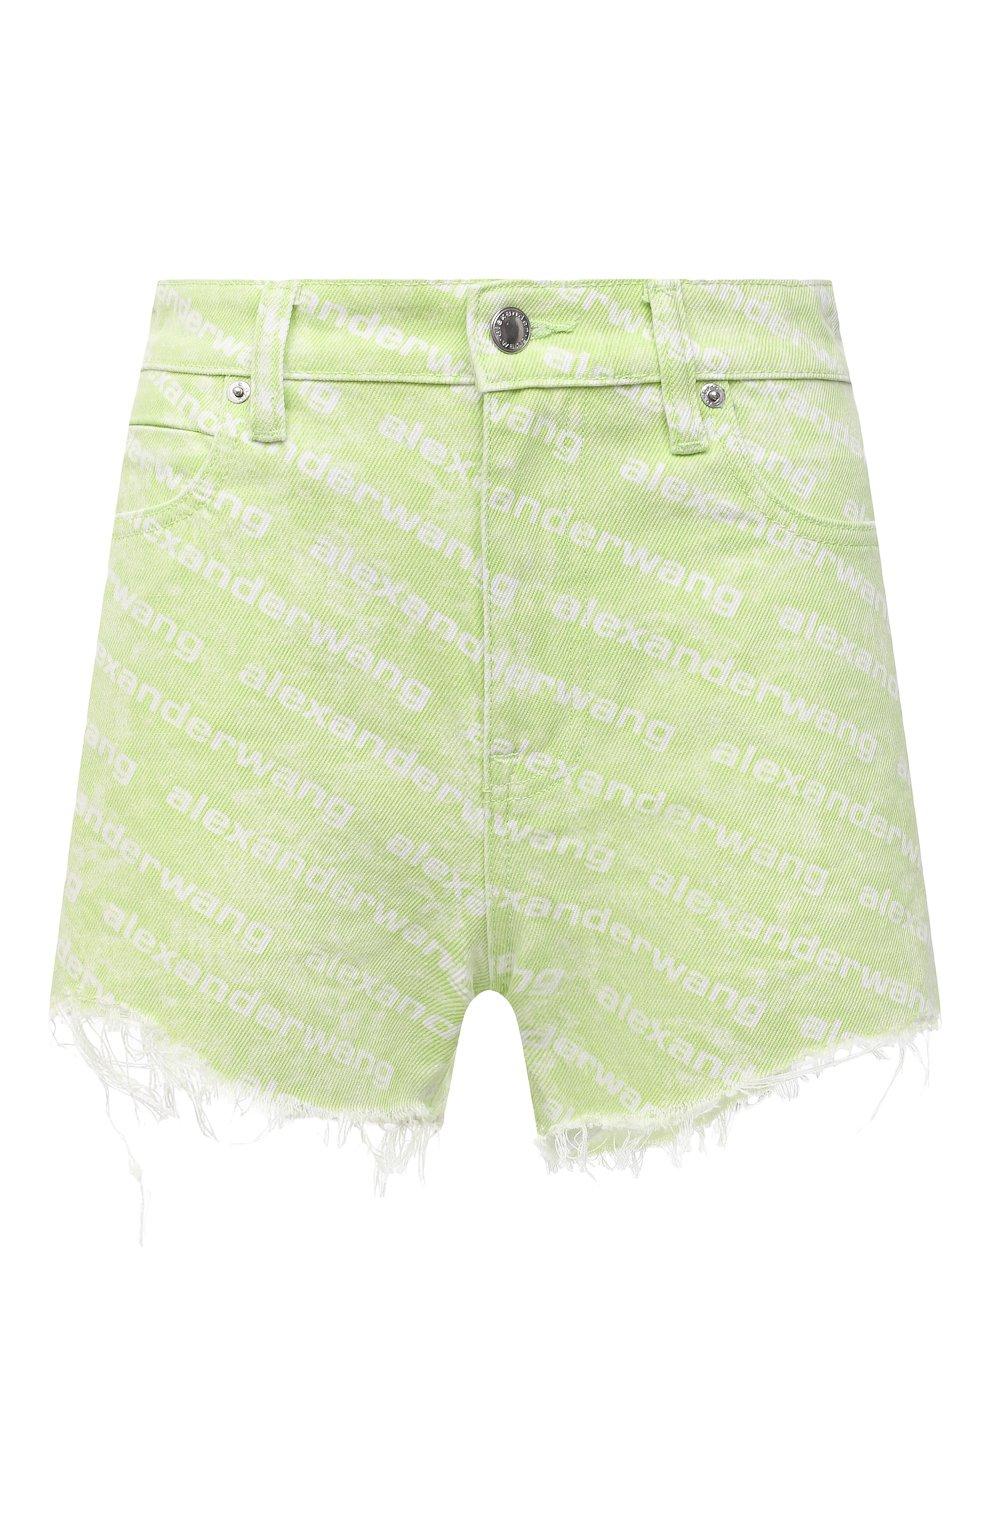 Женские джинсовые шорты DENIM X ALEXANDER WANG зеленого цвета, арт. 4DC3214989 | Фото 1 (Женское Кросс-КТ: Шорты-одежда; Длина Ж (юбки, платья, шорты): Мини; Материал внешний: Хлопок; Стили: Спорт-шик)